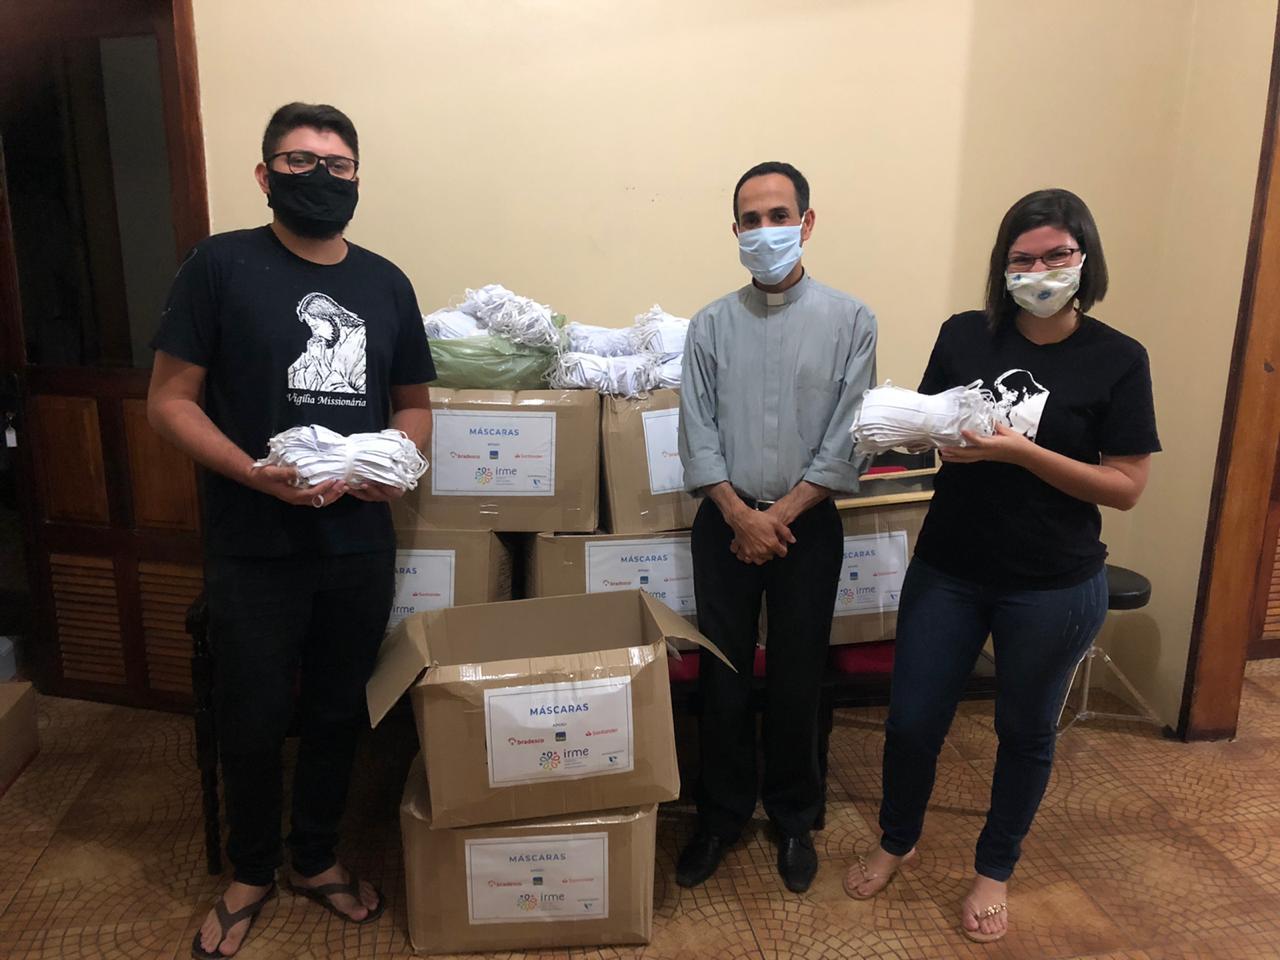 WhatsApp-Image-2020-08-04-at-18.05.25 Paróquia Nossa Senhora das Dores realiza doação de 10 mil máscaras durante a pandemia da Covid-19